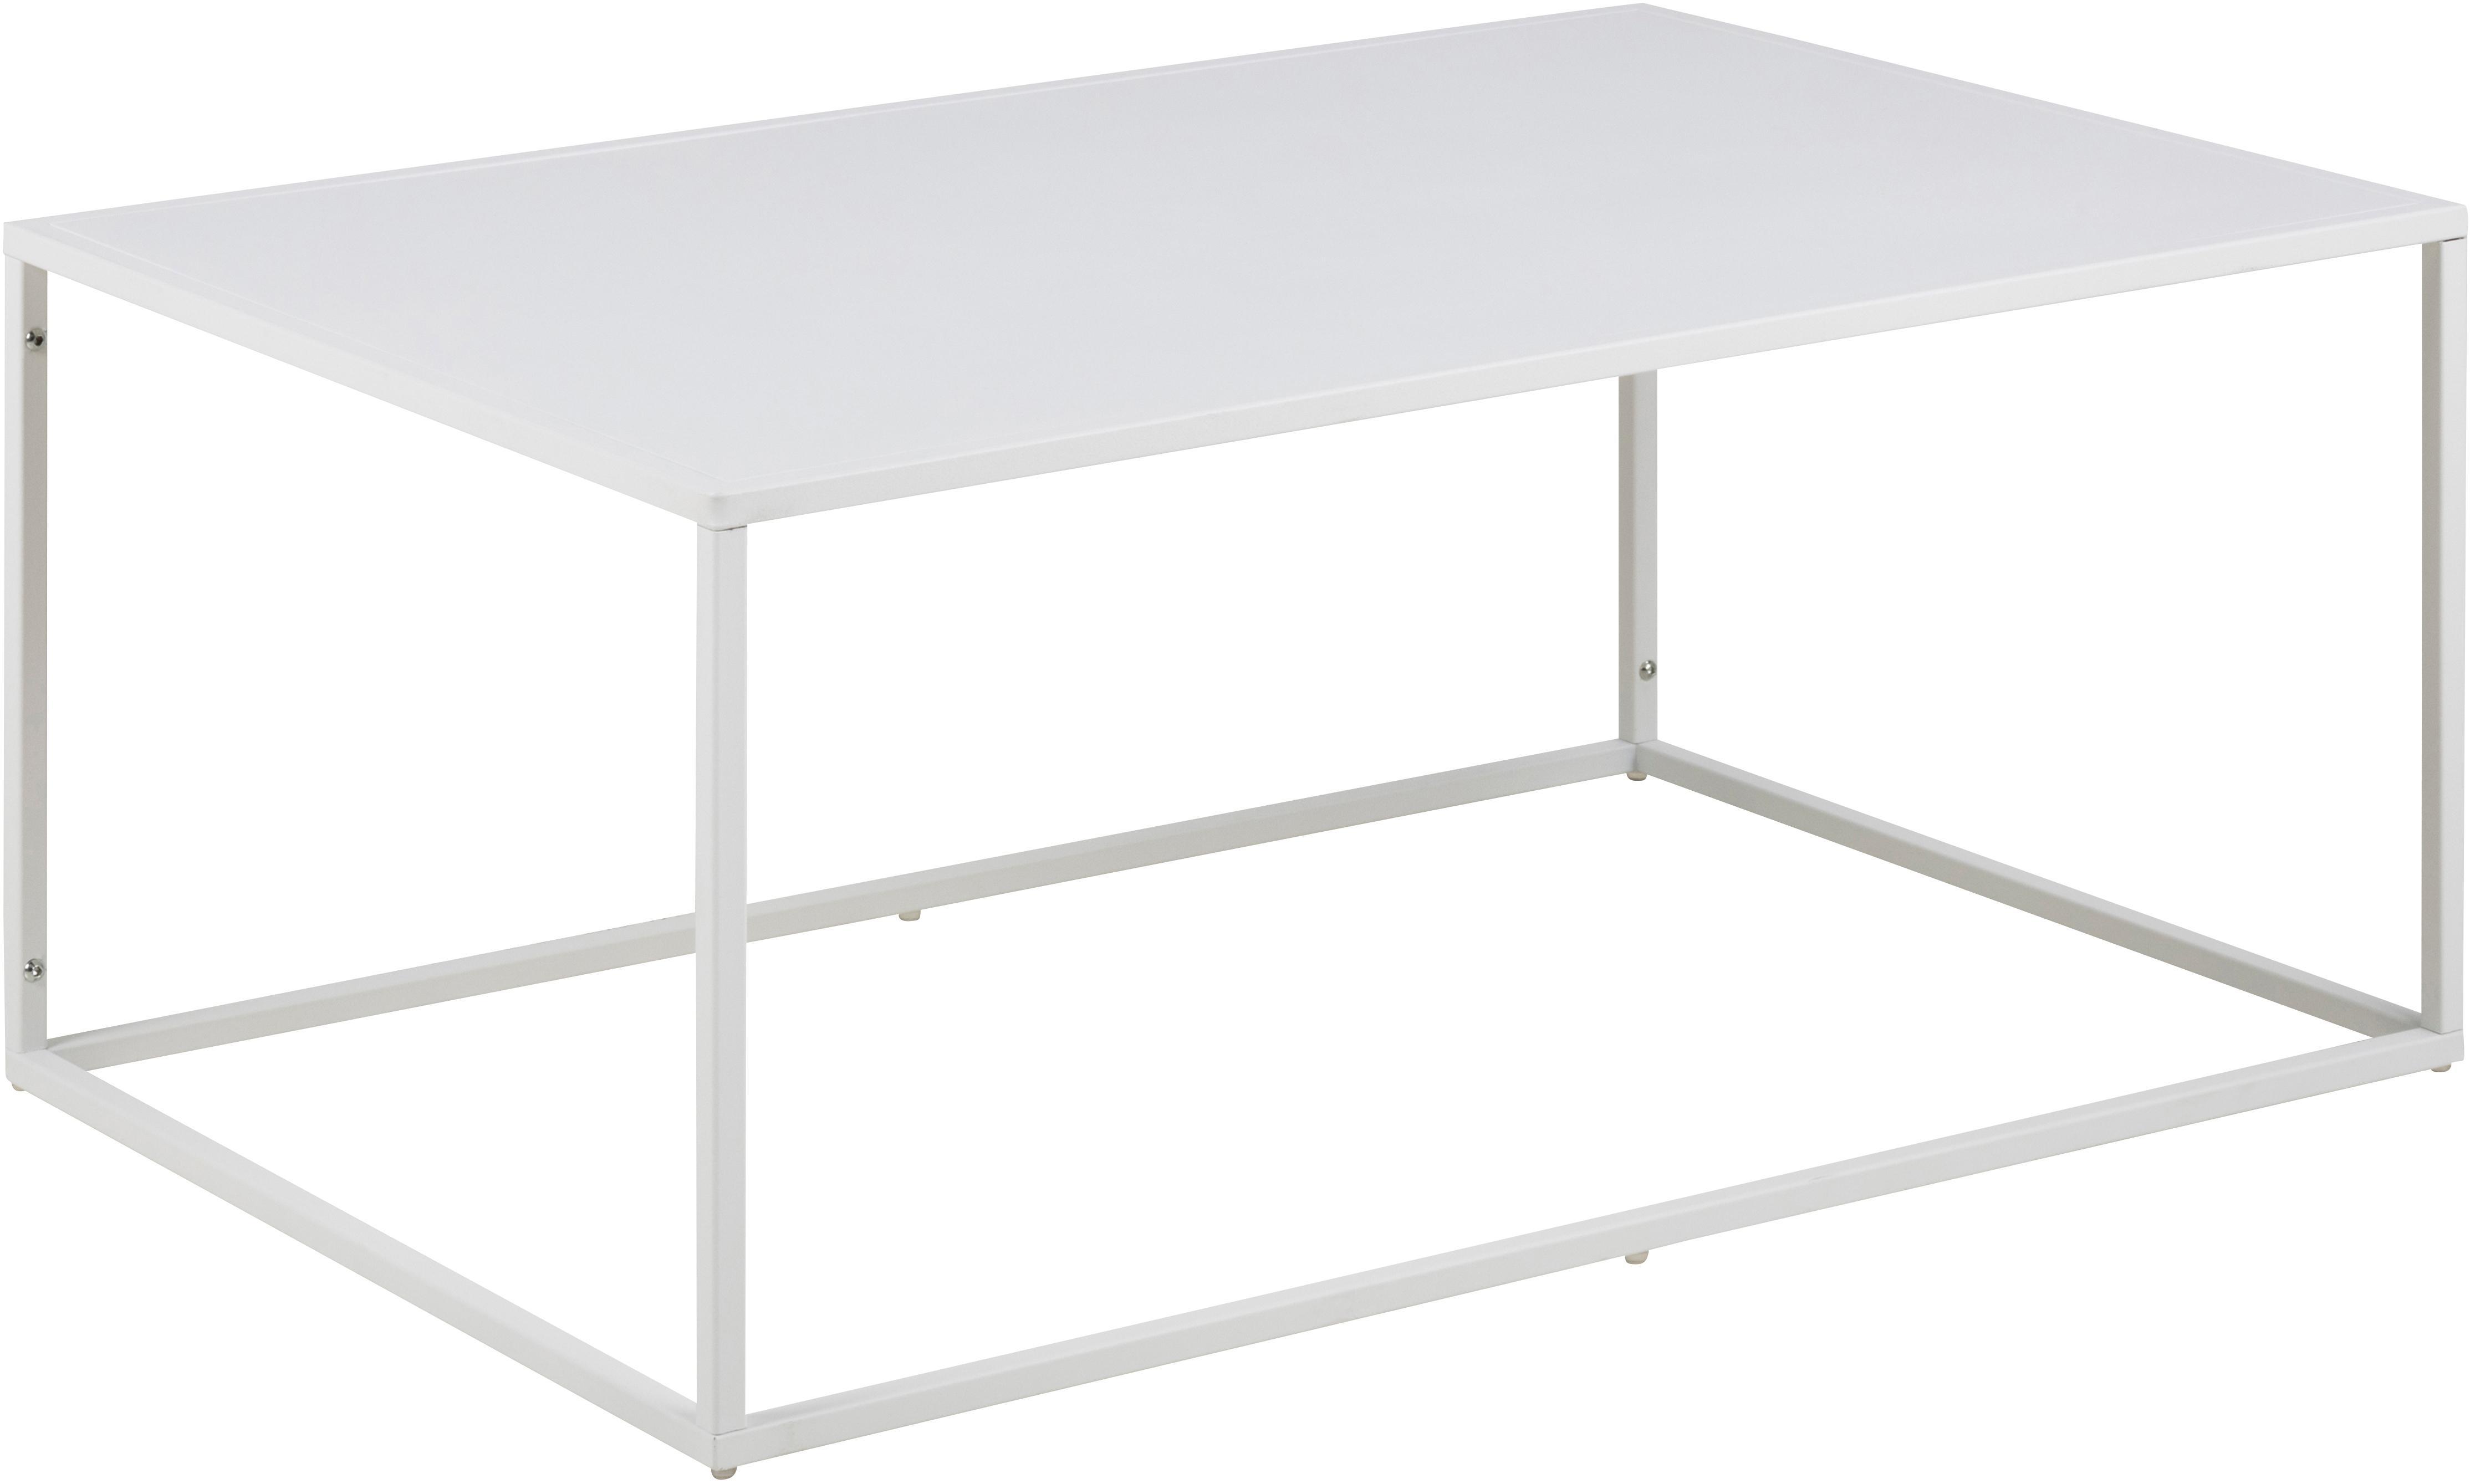 Metall-Couchtisch Newton in Weiß, Metall, pulverbeschichtet, Weiß, 90 x 40 cm